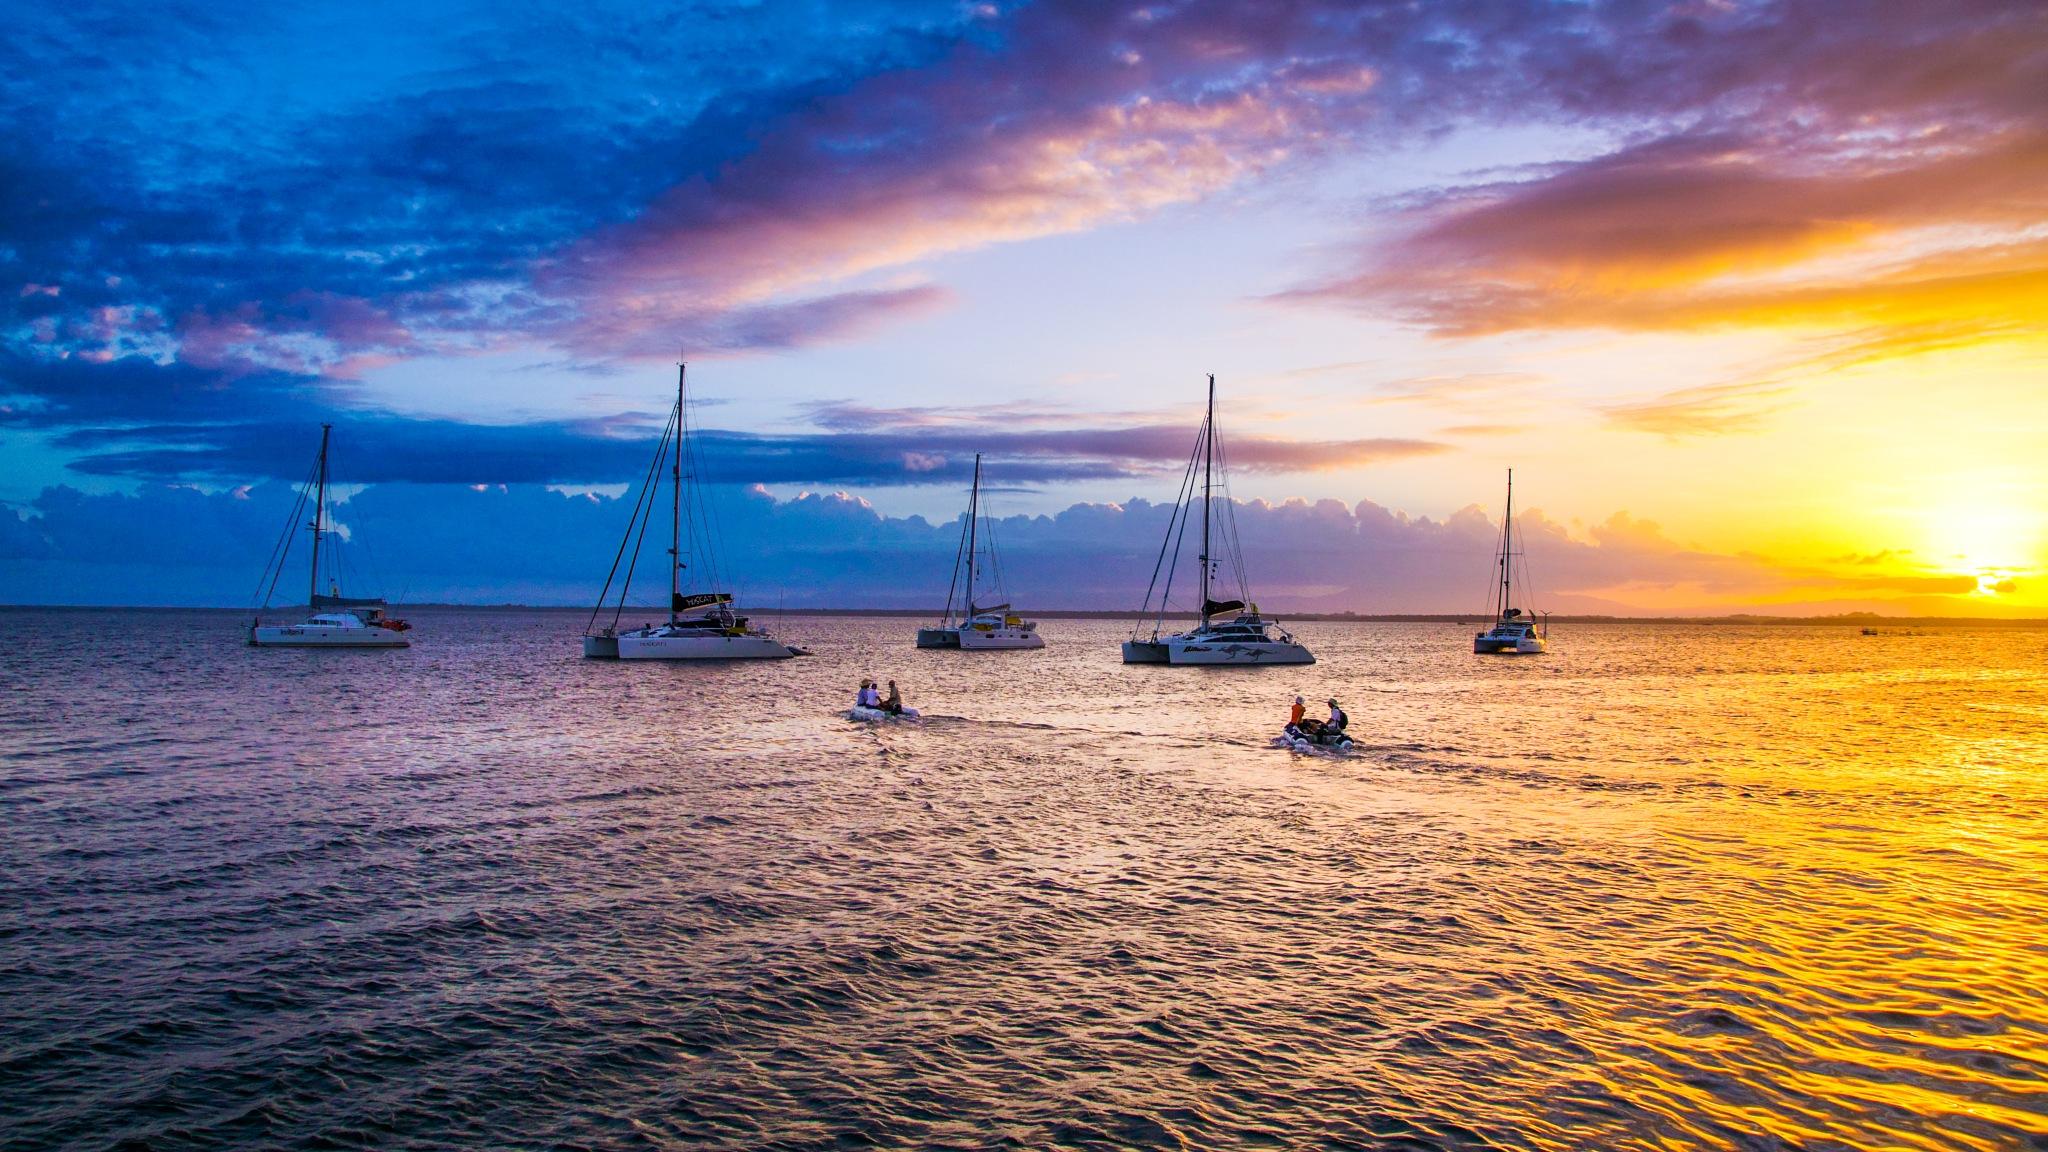 Sail to Ereke by Nimage